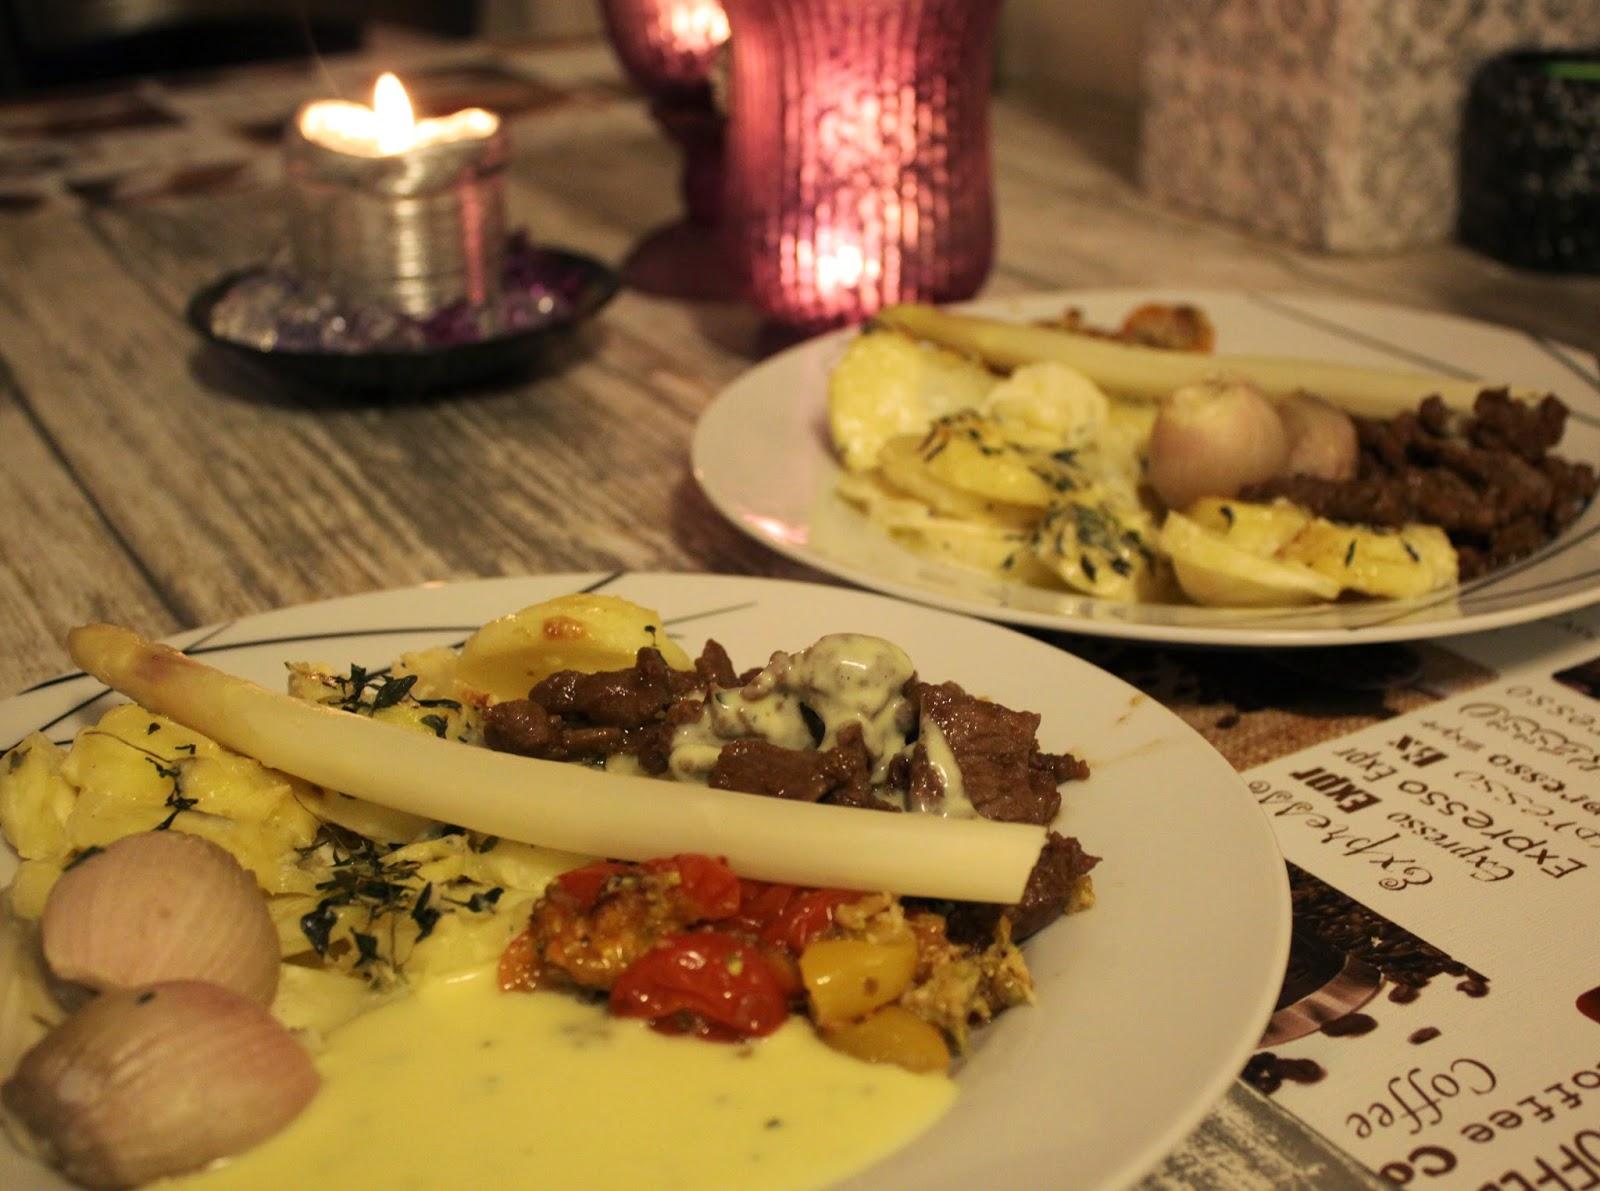 Sdan oprettes en fransk land Dining Room - m